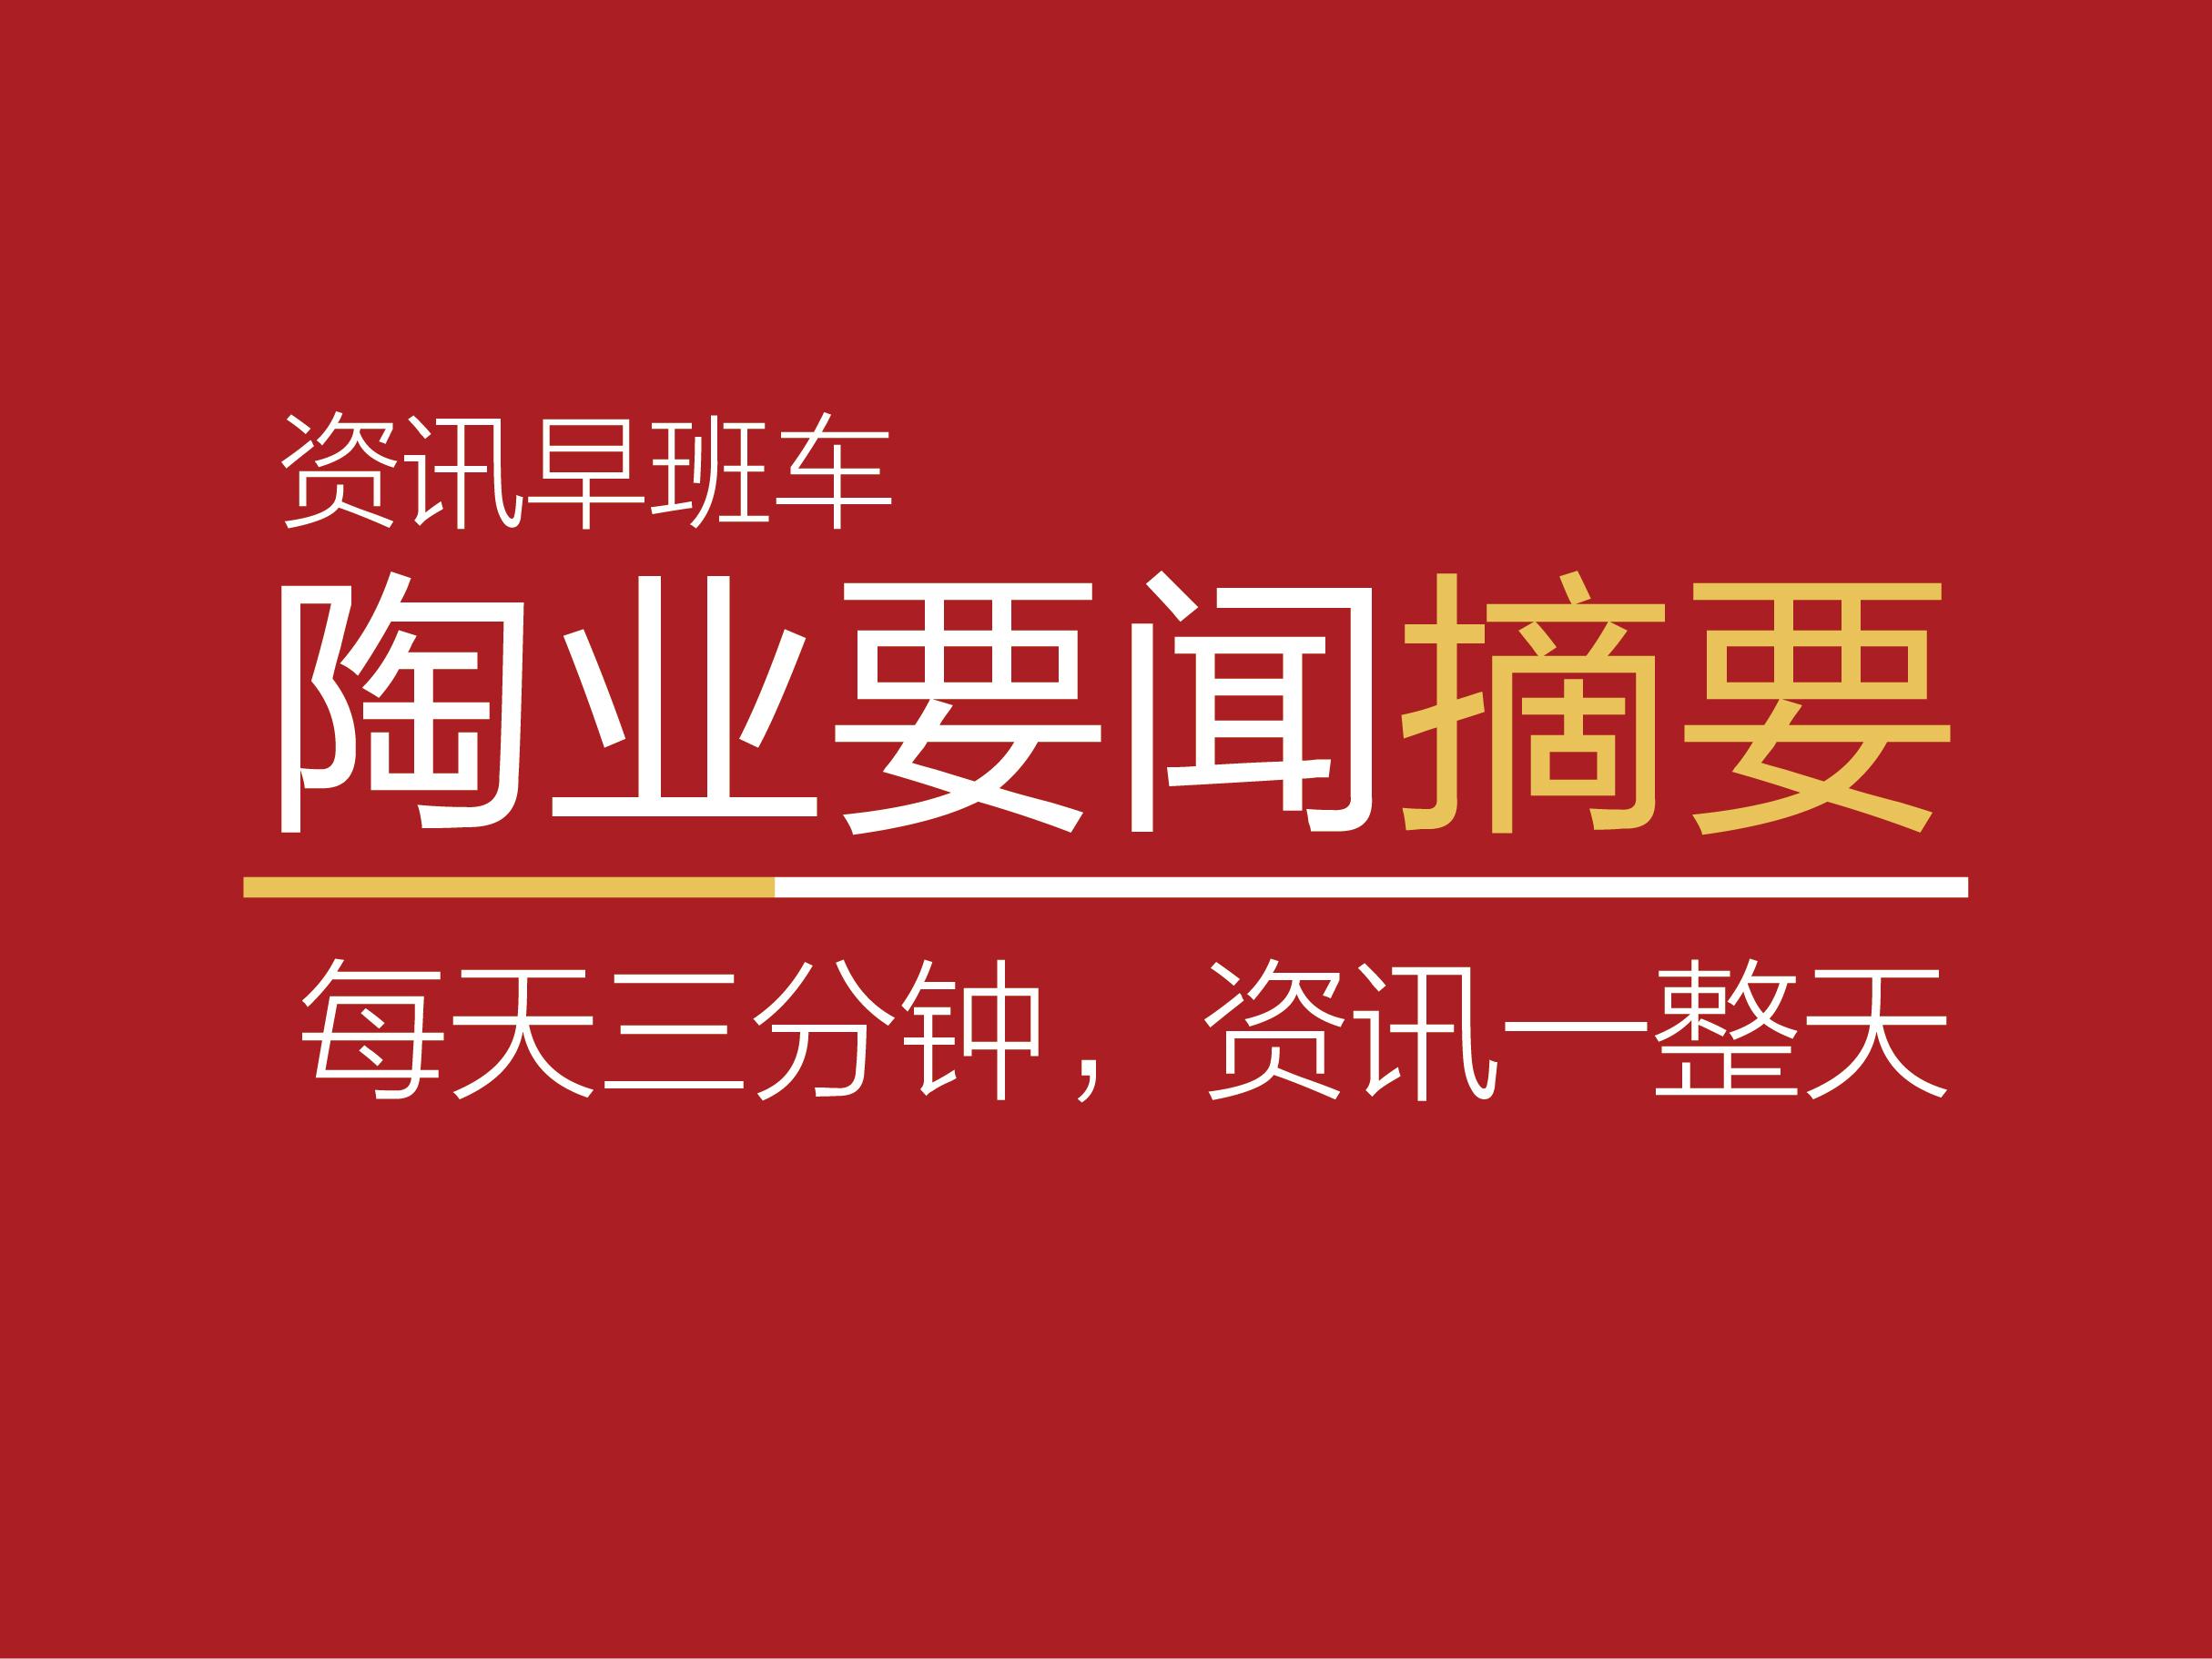 【陶业要闻摘要】2017年10月23日(第118期)